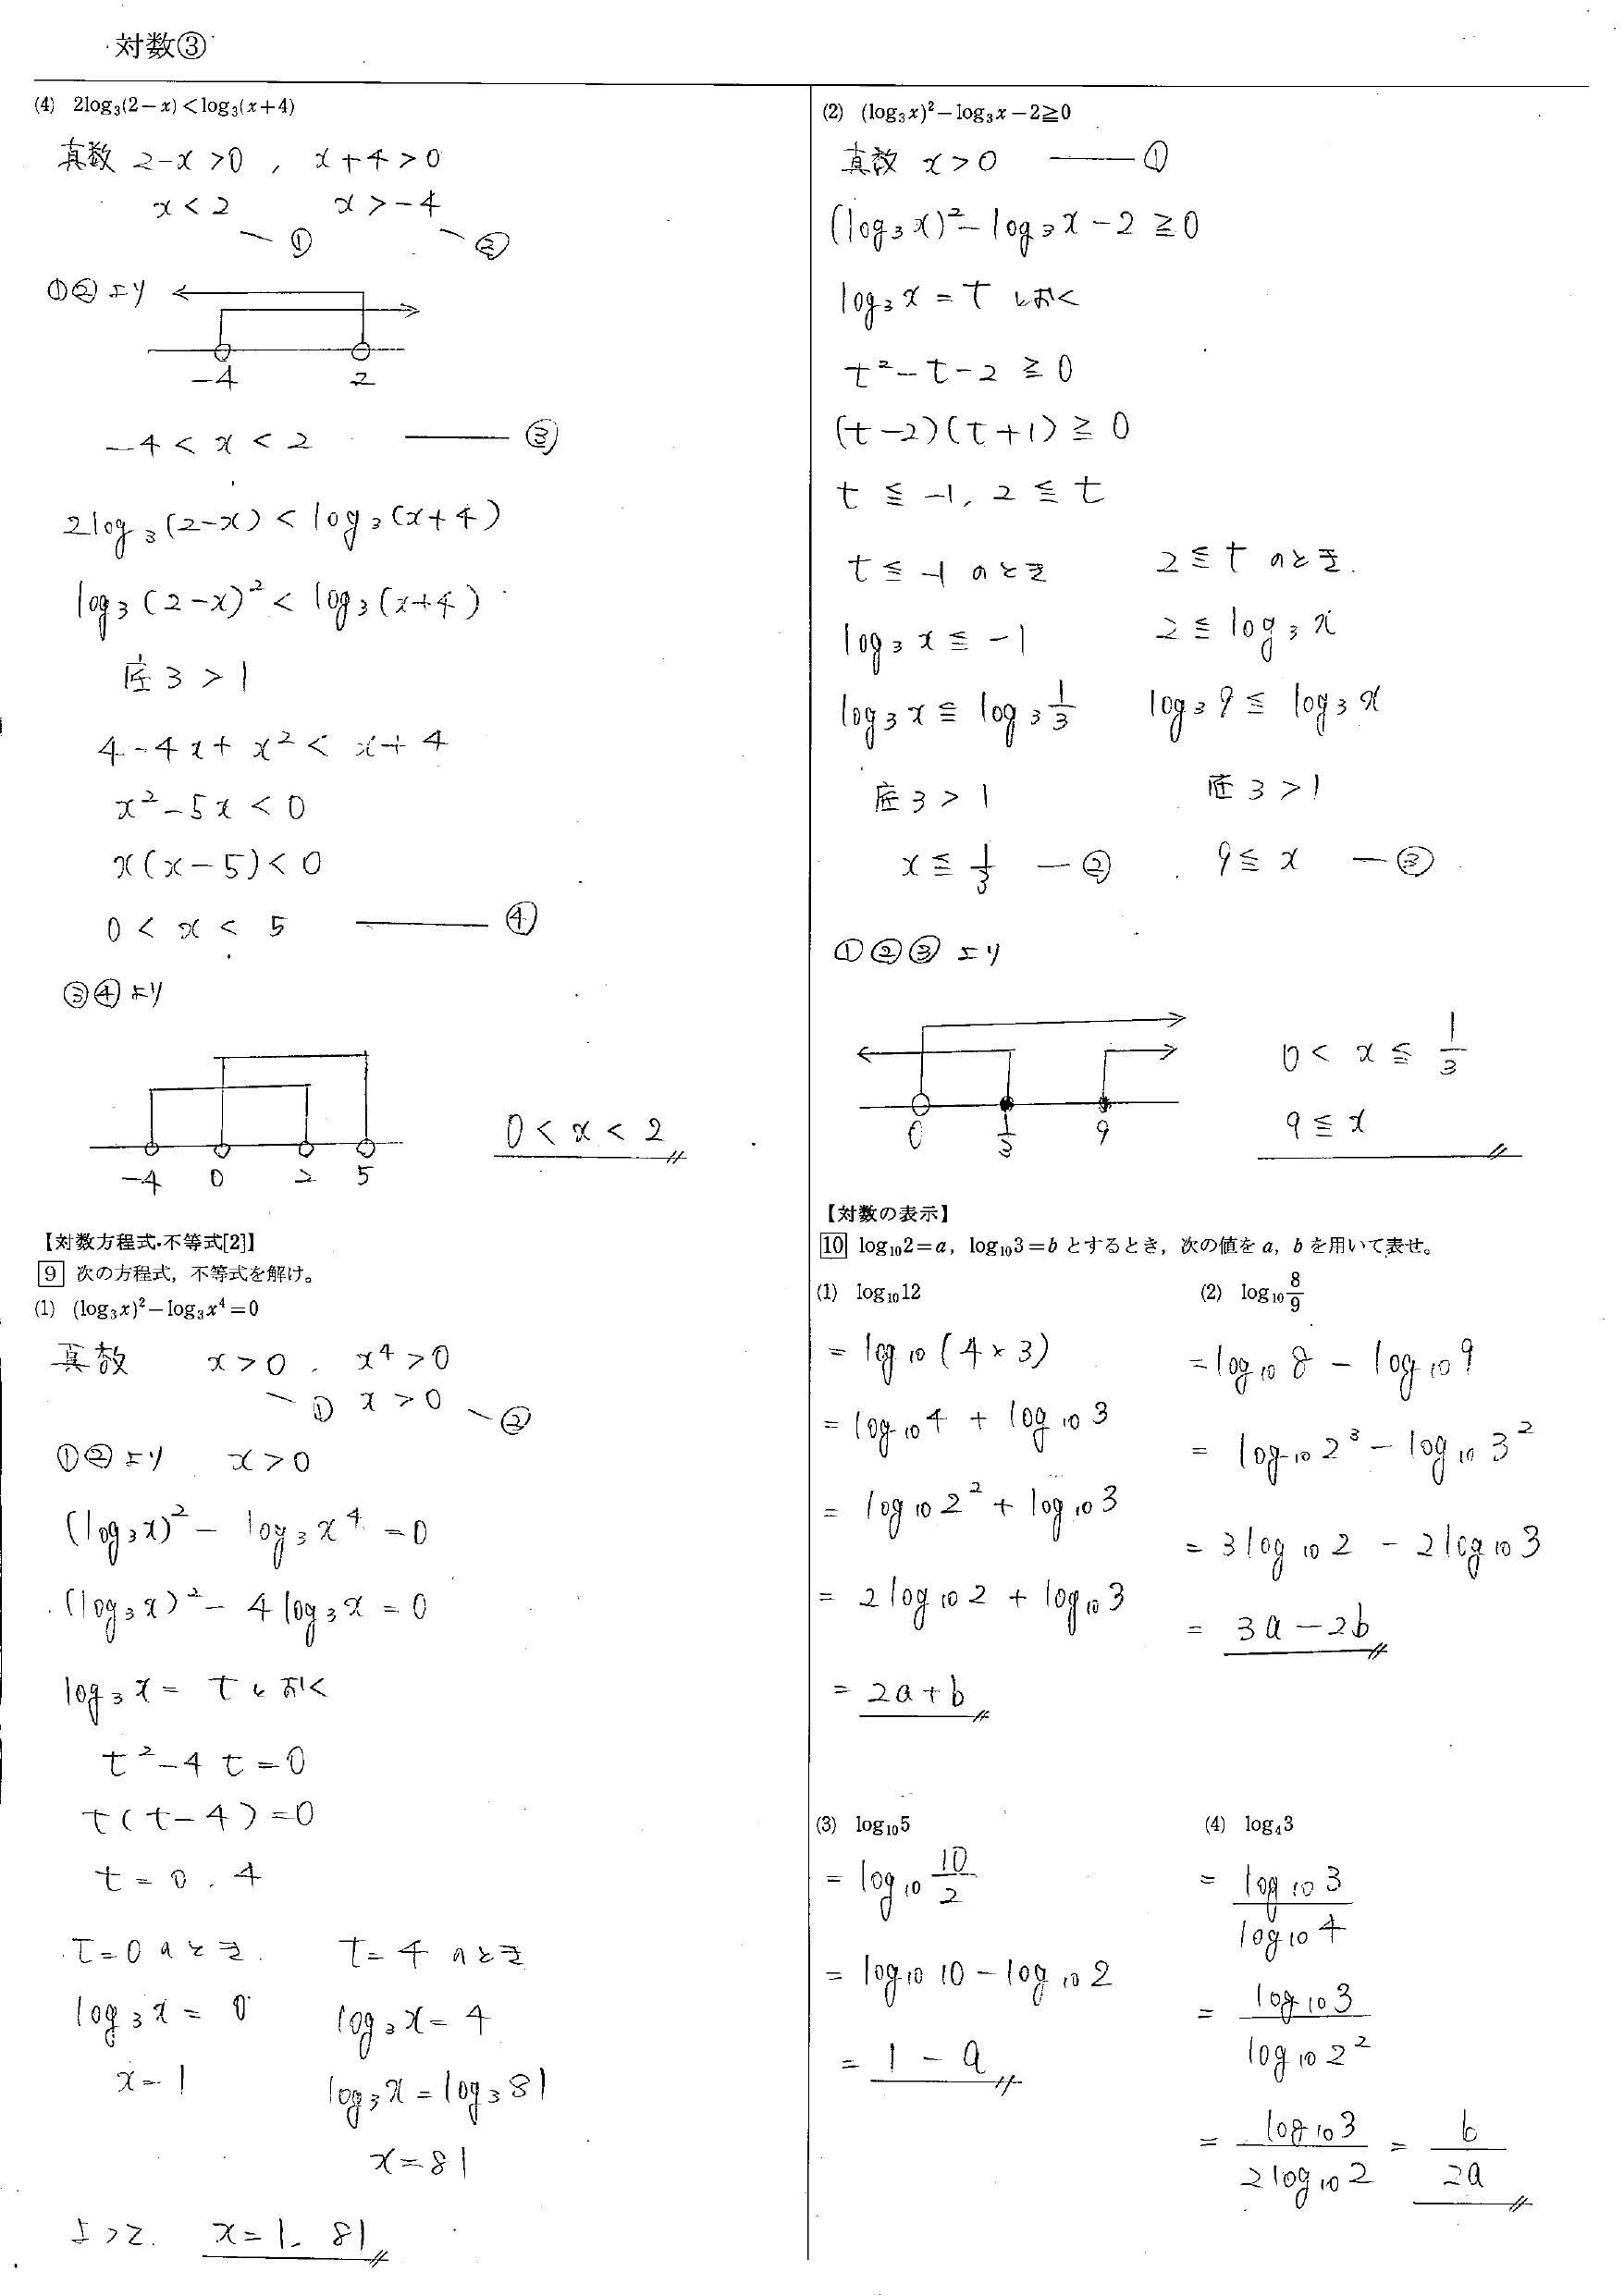 対数関数 教科書 まとめ 一覧 問題 解答